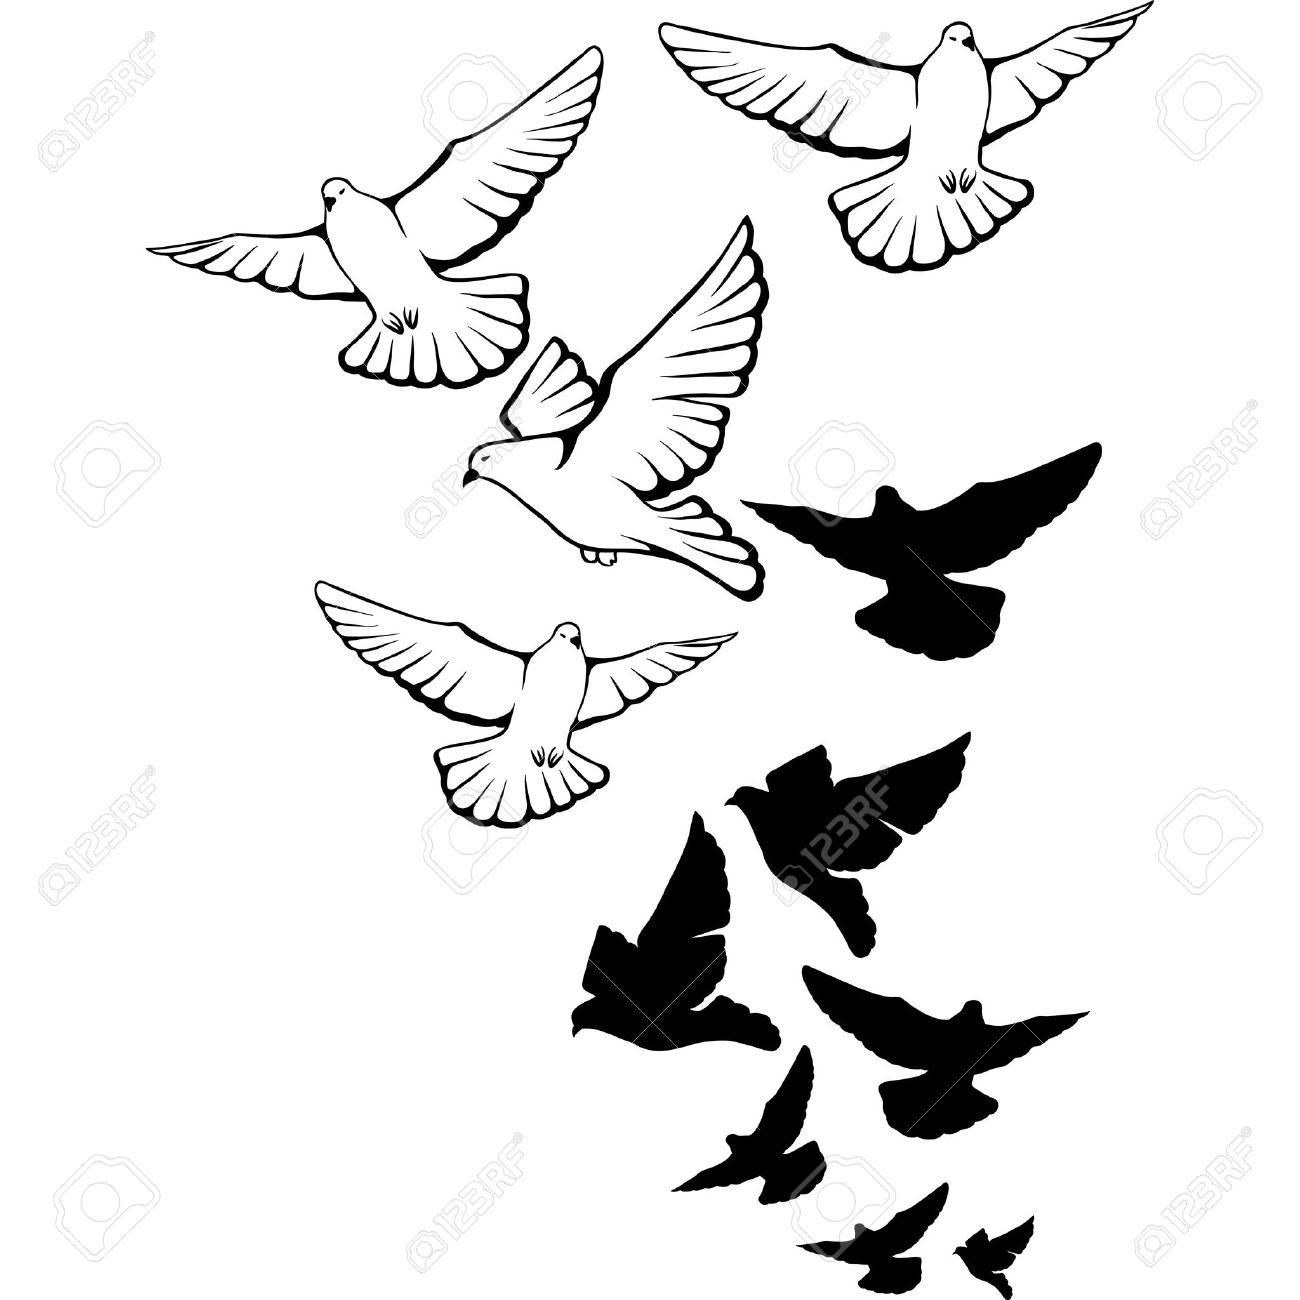 1300x1300 Drawing Birds In Flight Flock Of Birds Clipart Flight Drawing